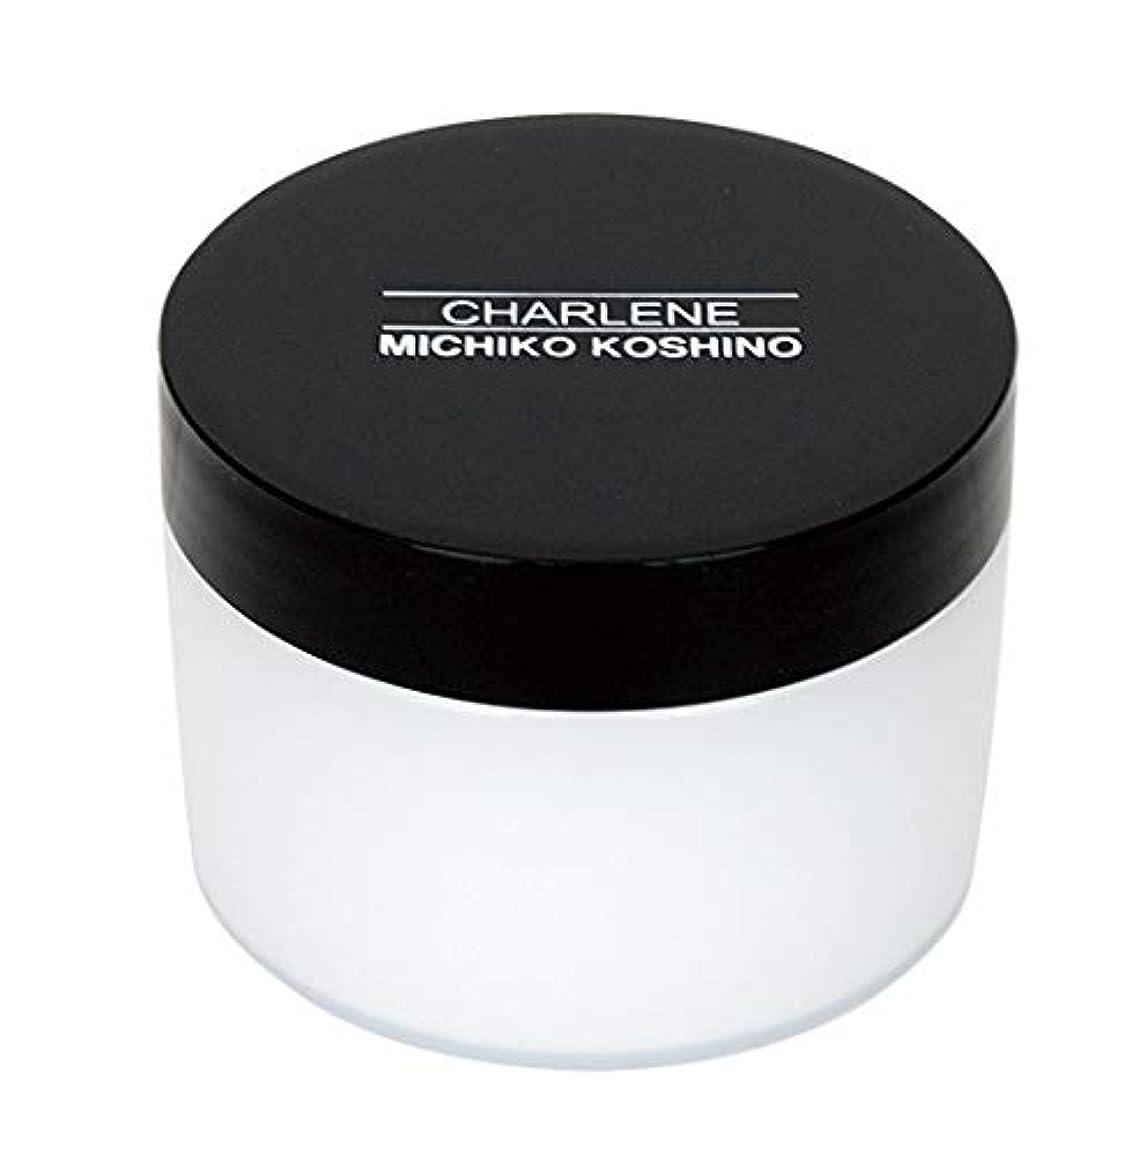 【薬用美白ボディクリーム】ホワイトスキン ボディクリーム 120g 日本製/高濃度プラセンタエキス【医薬部外品】 ※美白とは(メラニンの生成を抑え、肌荒れ、日やけによるしみ?そばかすを防ぐ。)こと。